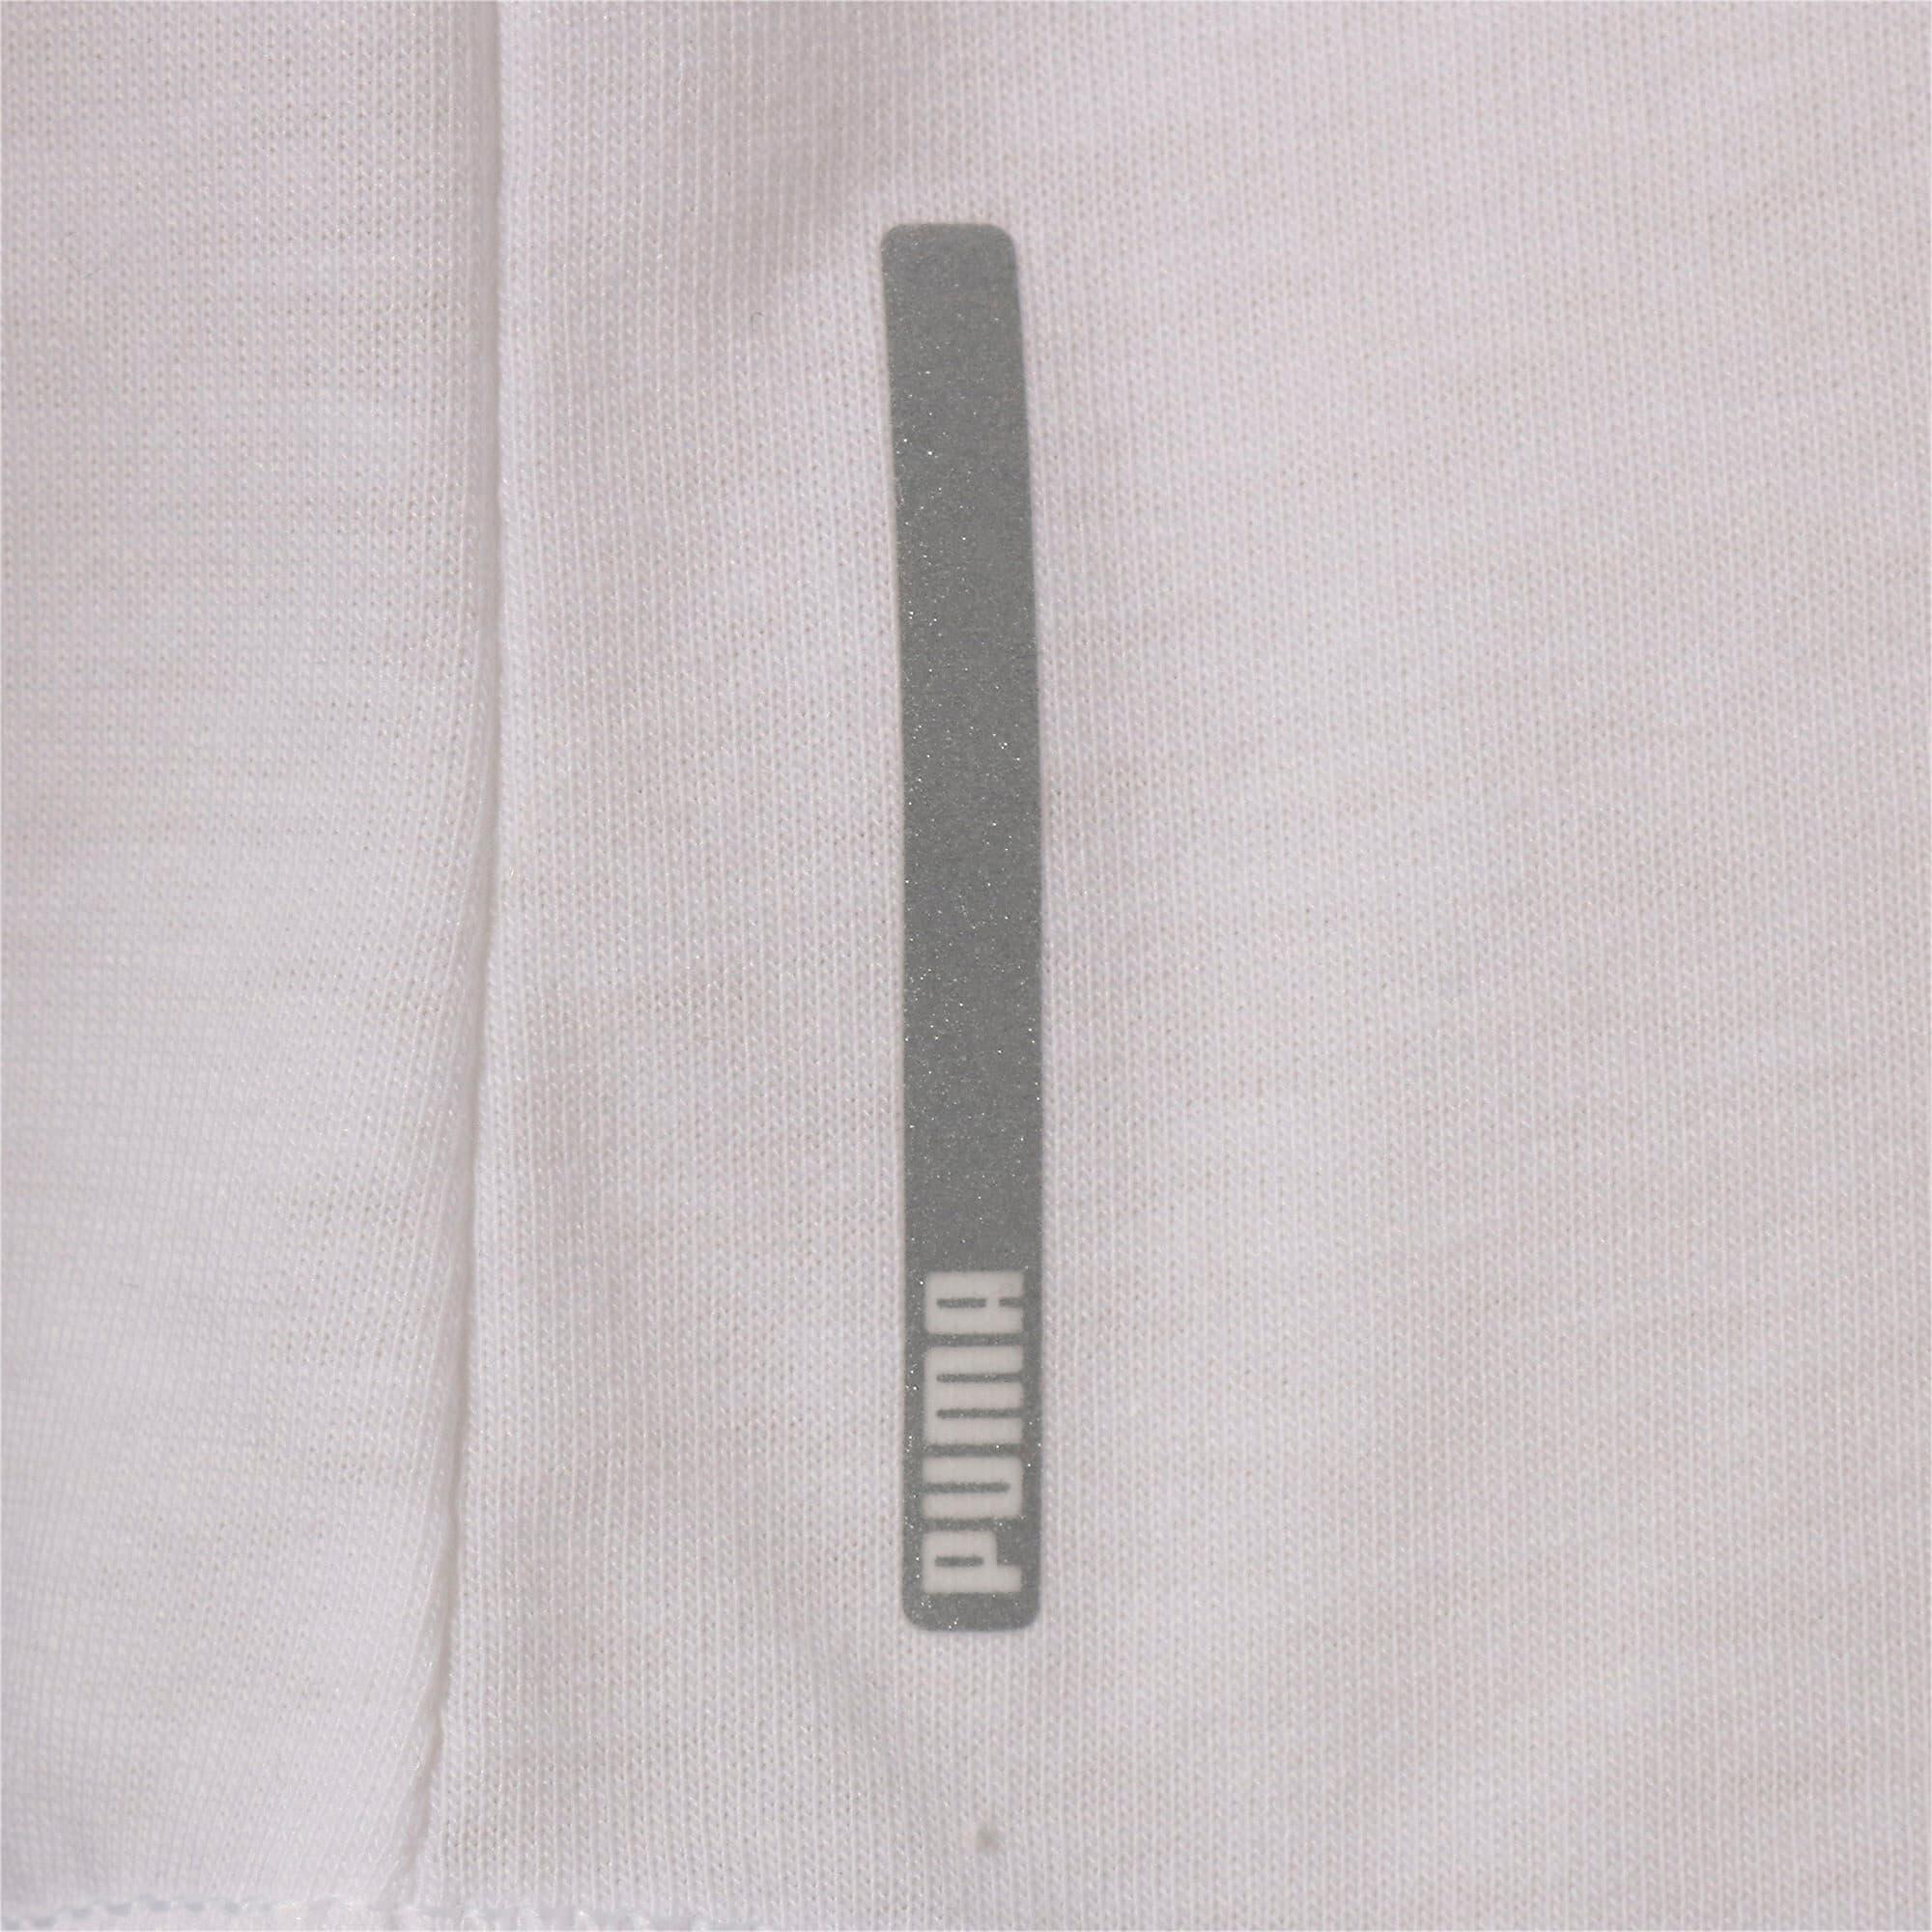 Thumbnail 10 of スタジオ SS ウィメンズ トレーニング メッシュ キャット Tシャツ 半袖, Puma White, medium-JPN